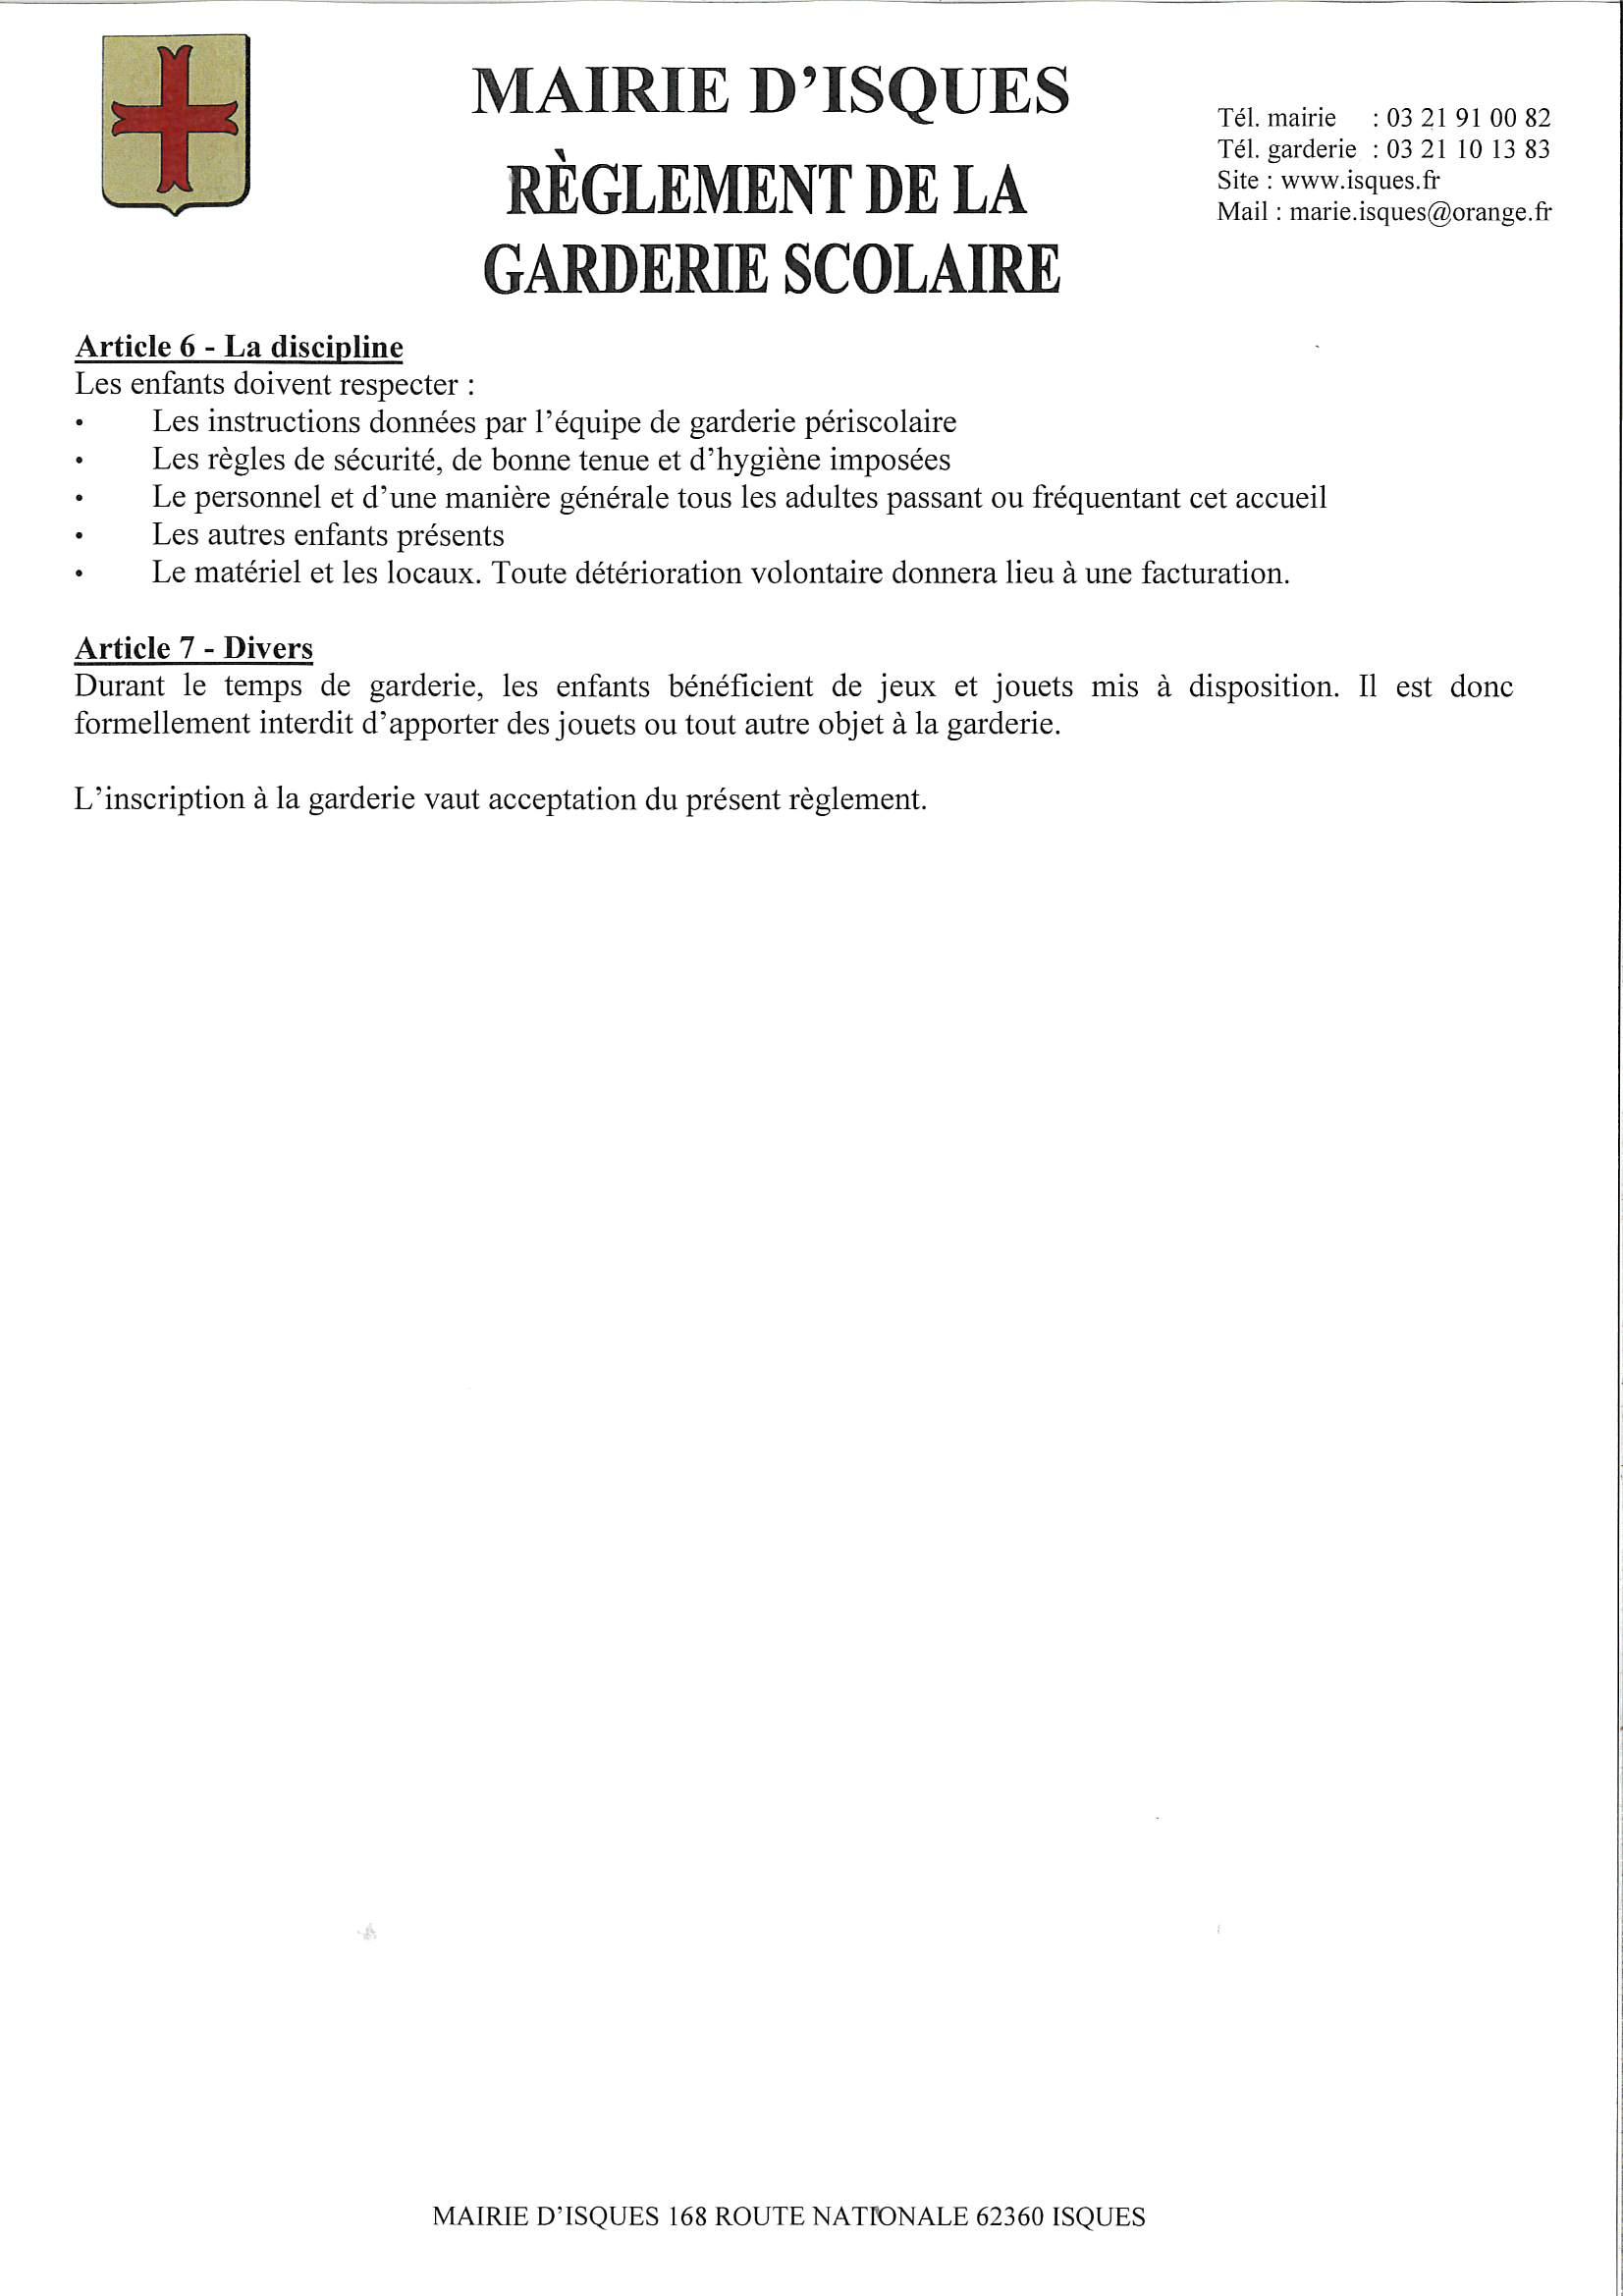 Règlement garderie scolaire p2